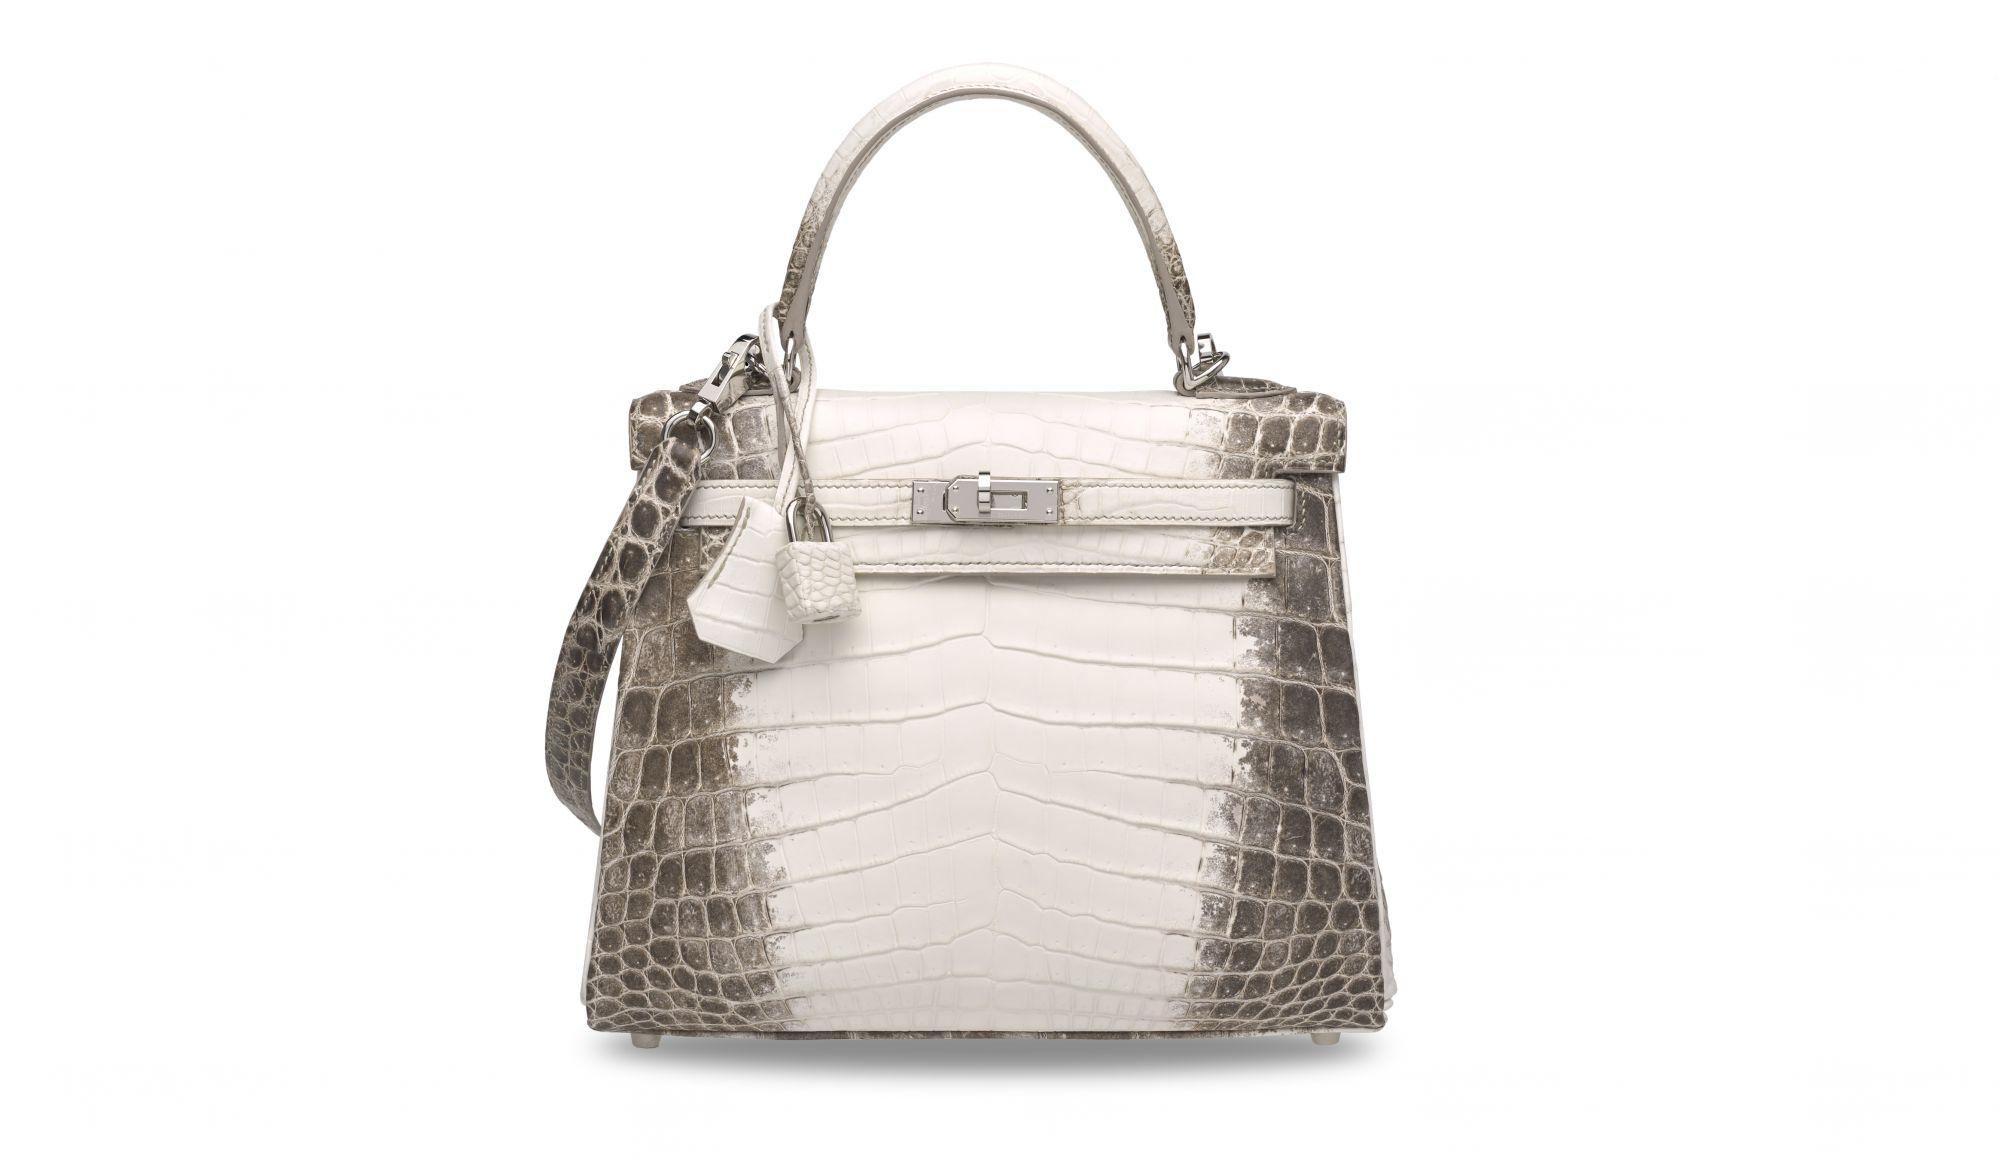 全世界最貴的包!? 1260萬愛馬仕喜馬拉雅凱莉包打破世界拍賣紀錄